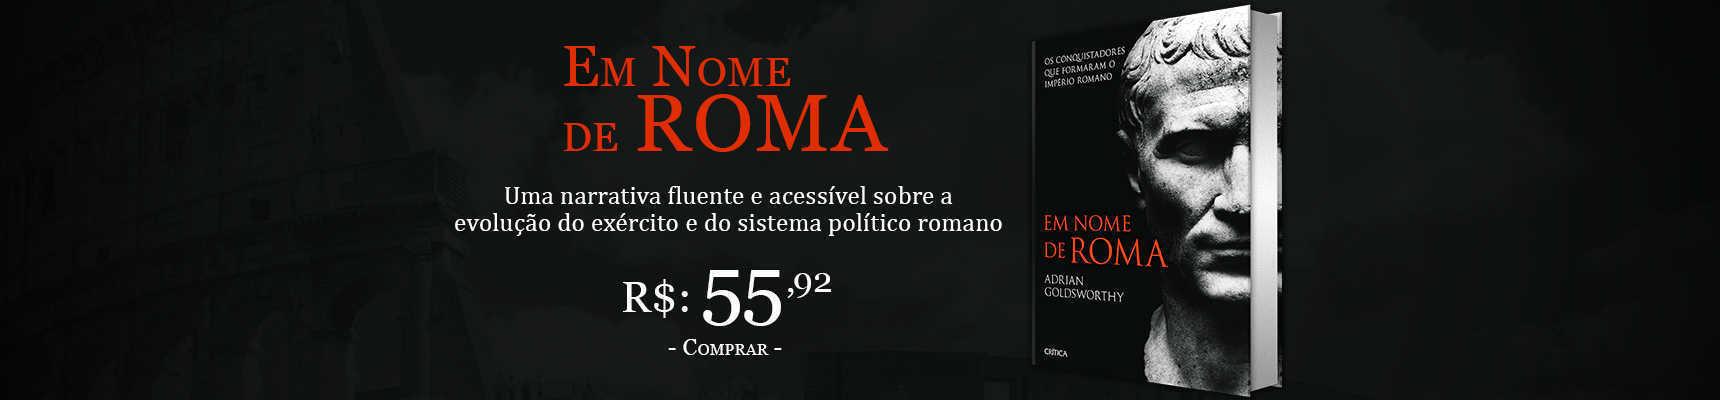 em-nome-de-roma